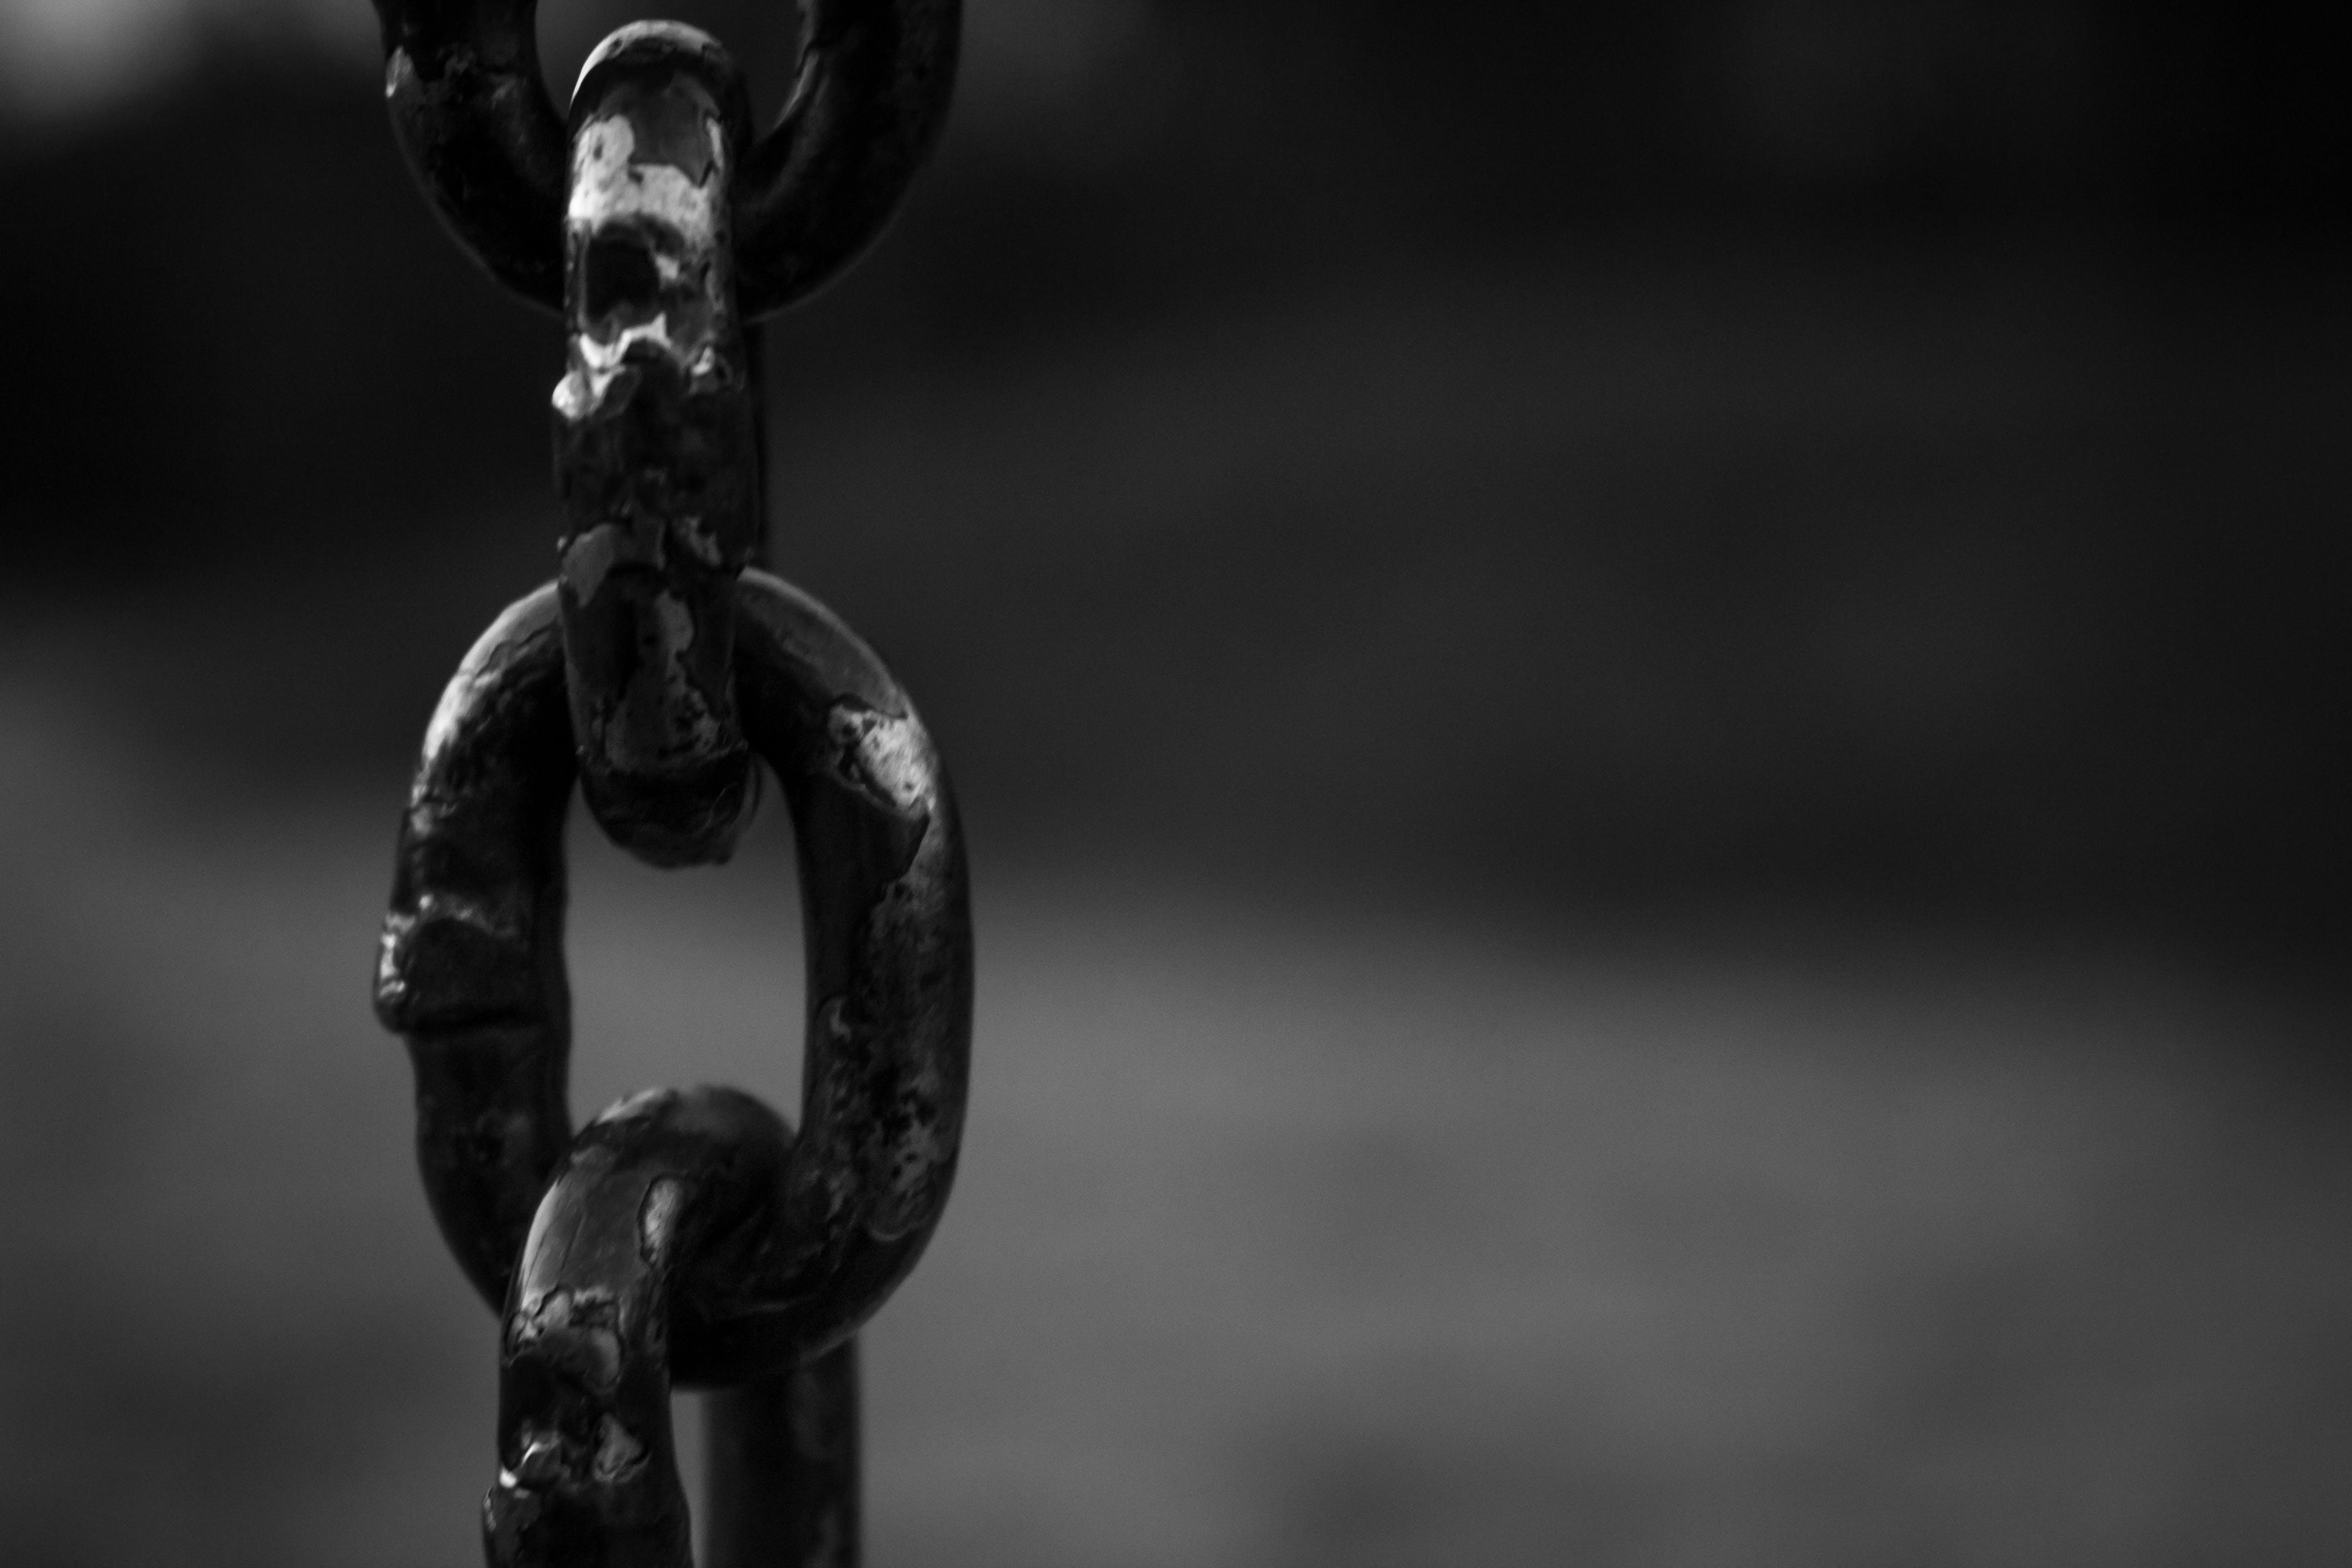 กุญแจมือ, ขาวดำ, ความเป็นทาส